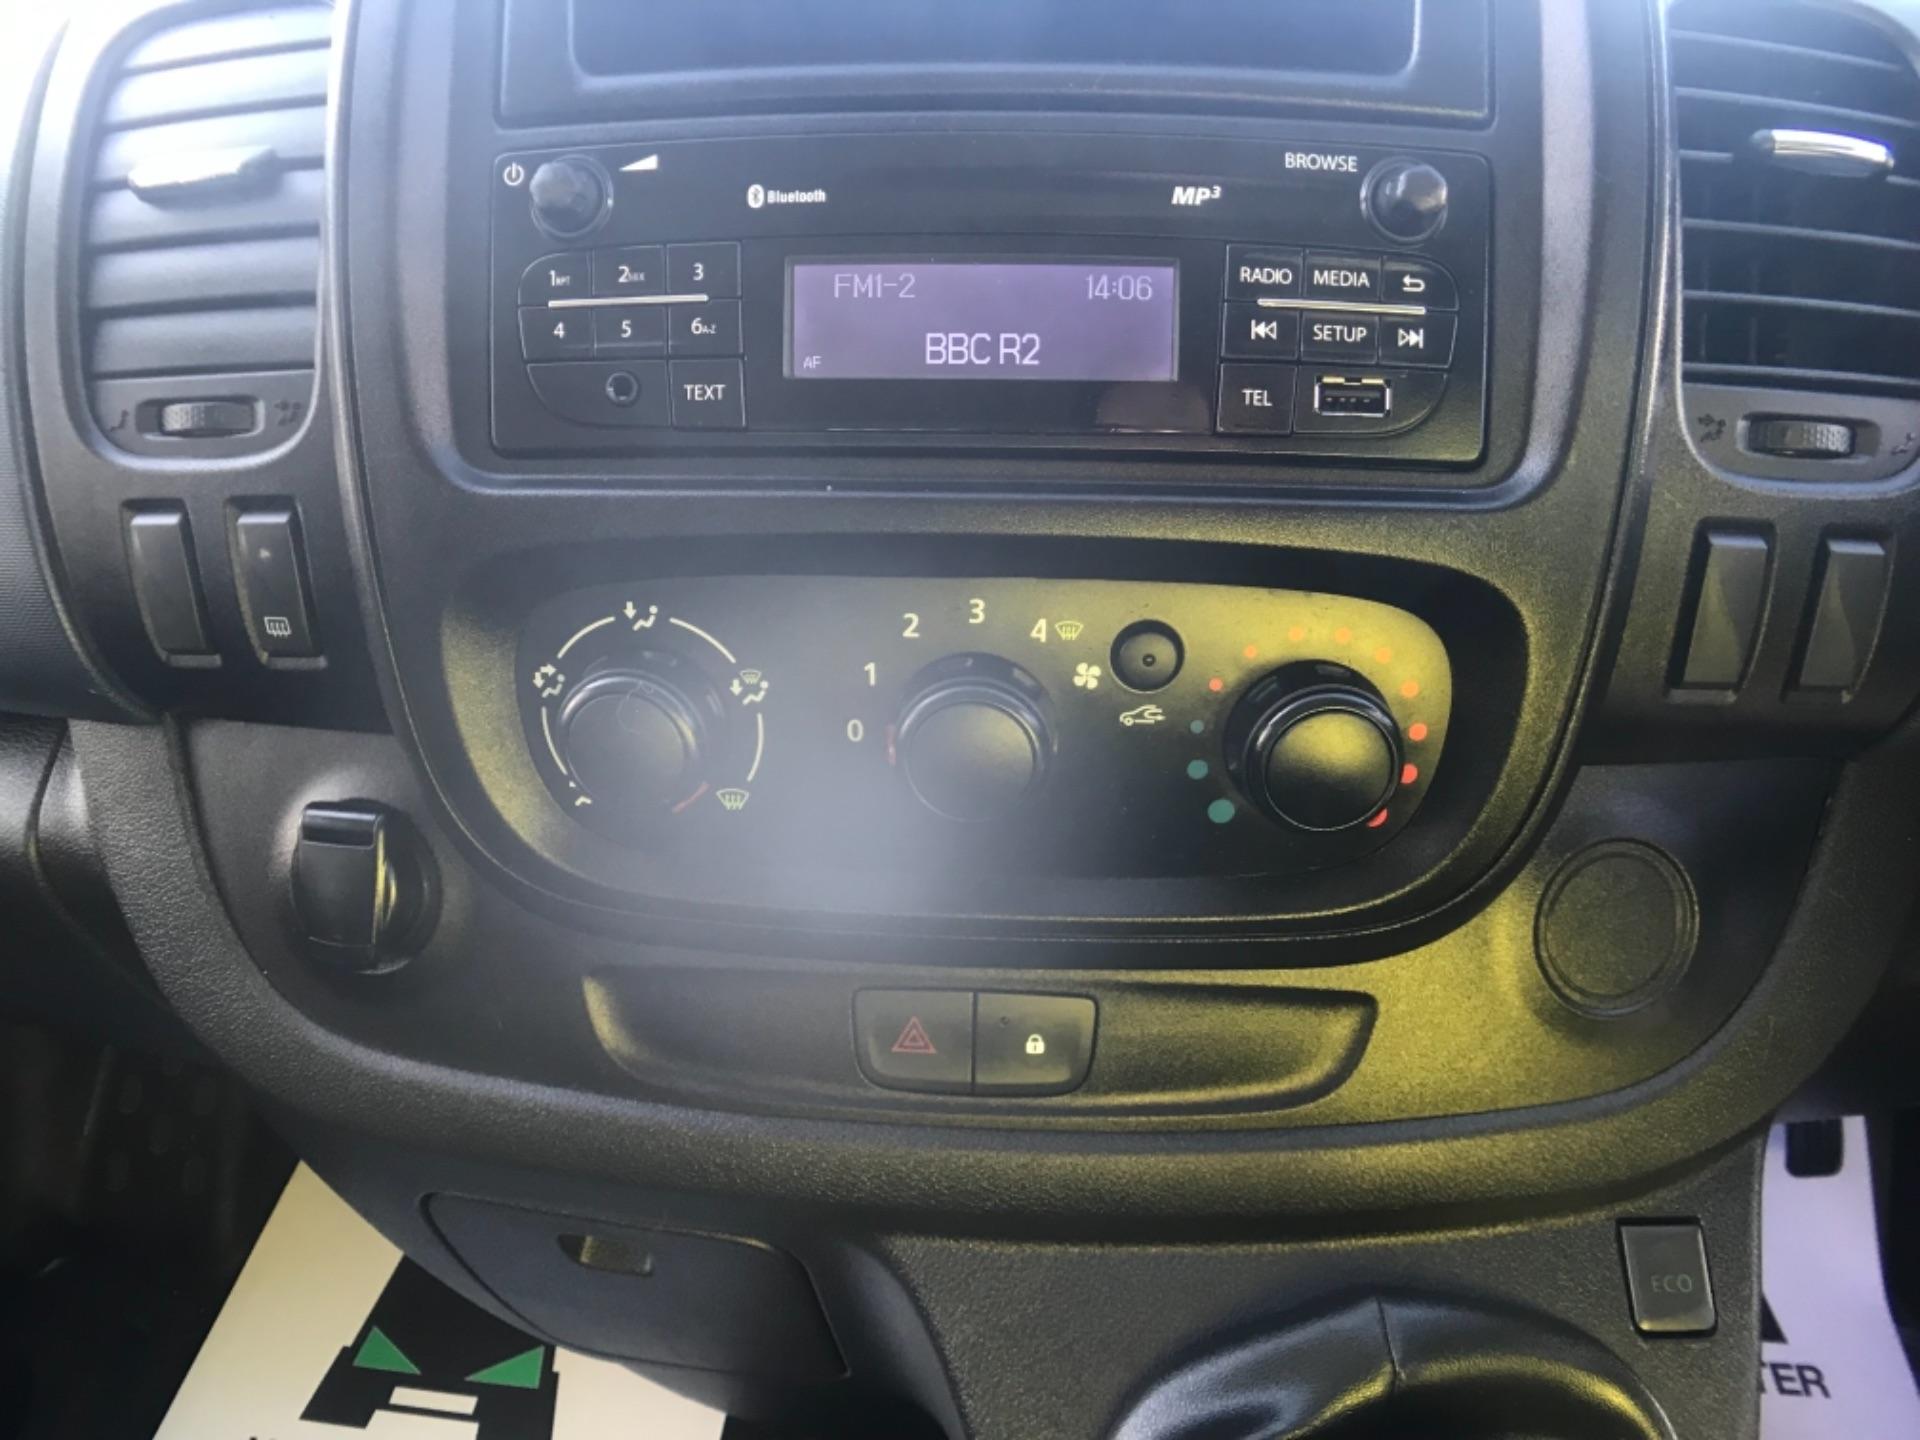 2017 Vauxhall Vivaro L2 H1 2900 1.6CDTI 120PS EURO 6 (DV67WHE) Image 20